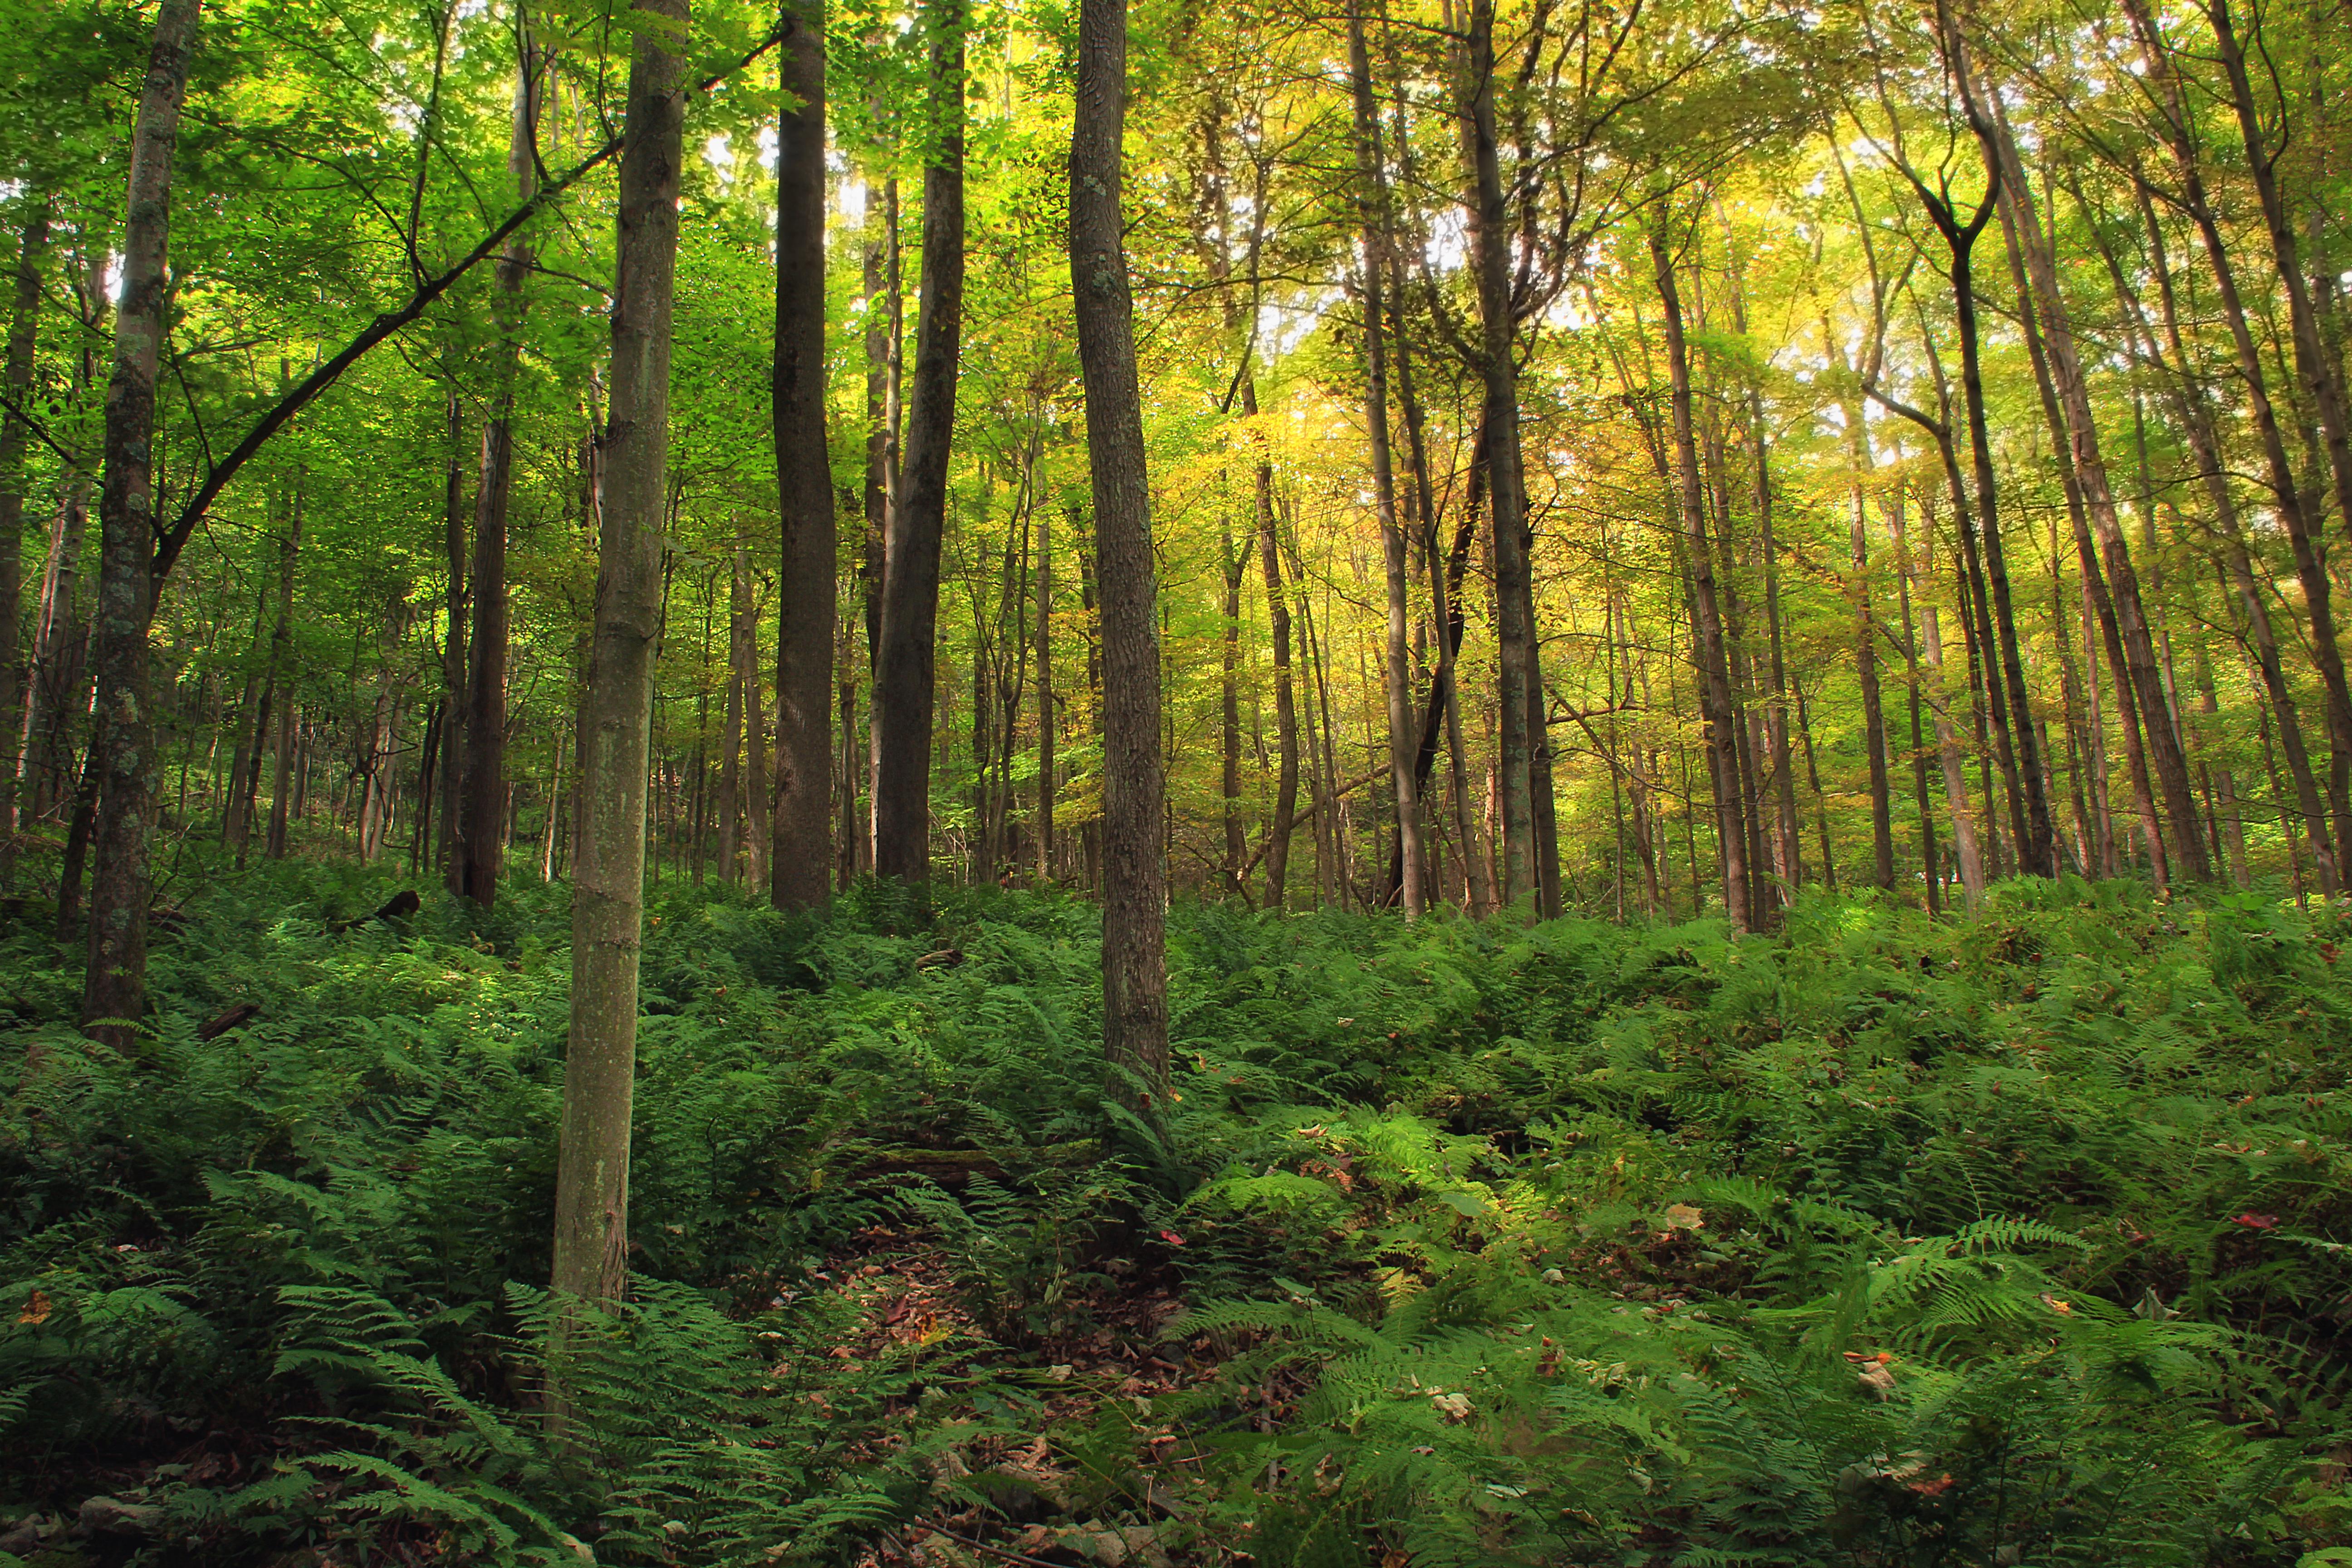 крупные, картинки с лиственным лесом поляне печать фотопродукции нашей